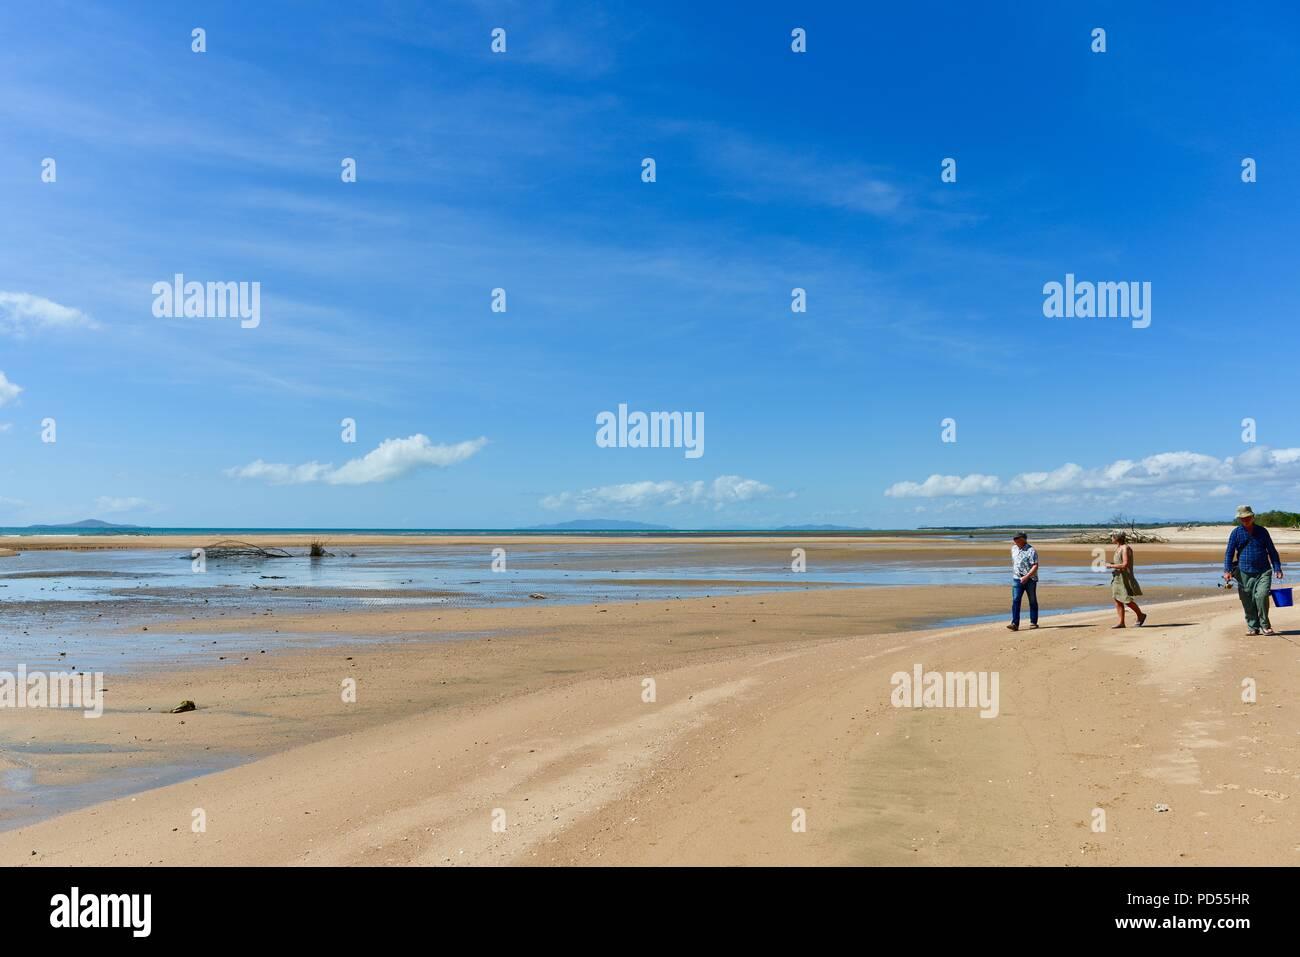 Les gens sur une plage, Toomulla QLD, Australie Photo Stock